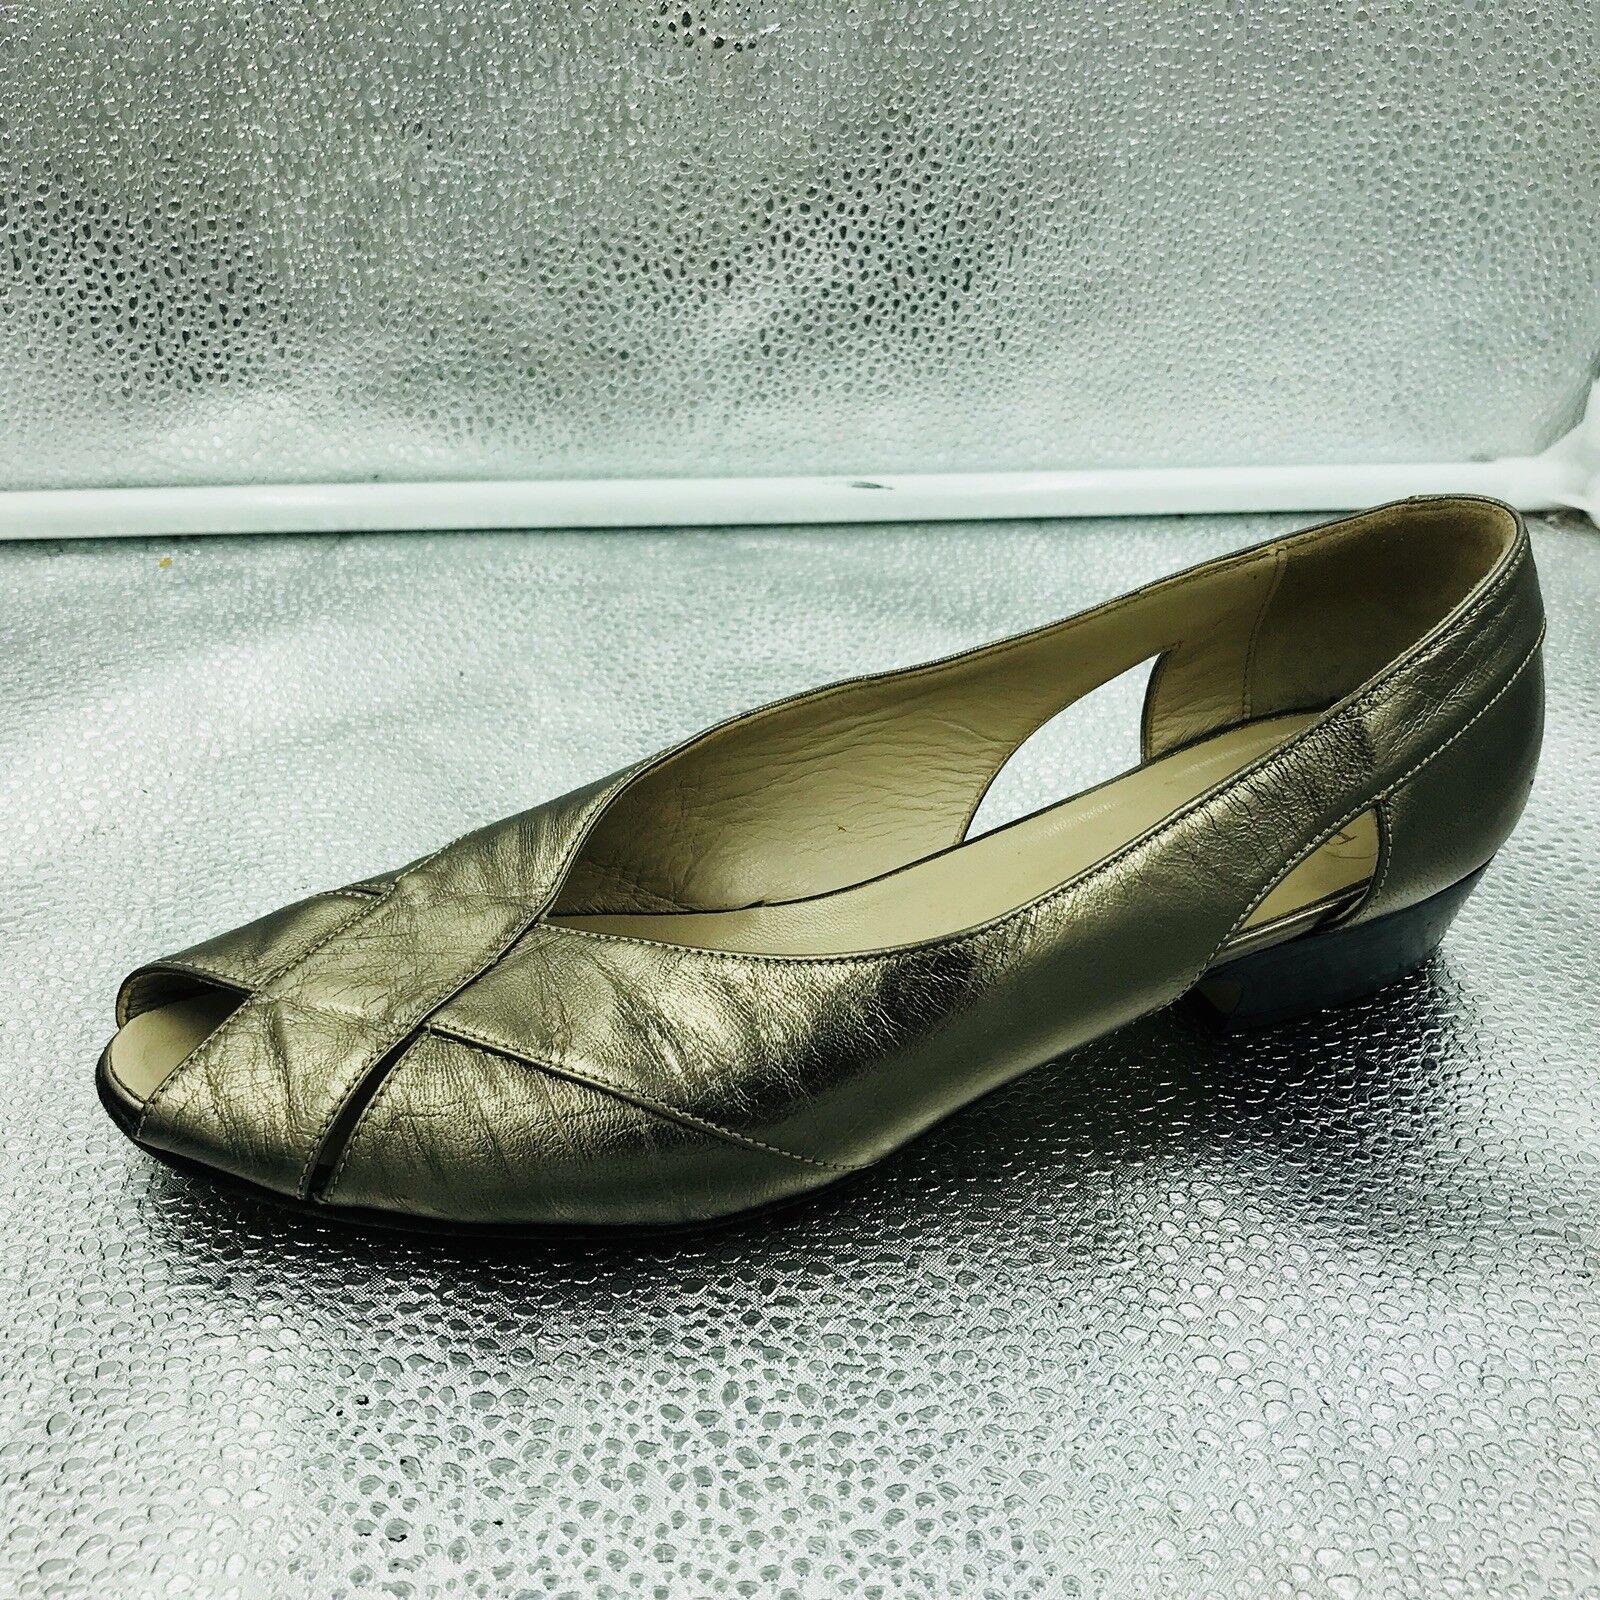 Russell & Bromley Sz 38.5 5.5 Metallic Woven Leather Flat Sandals damen